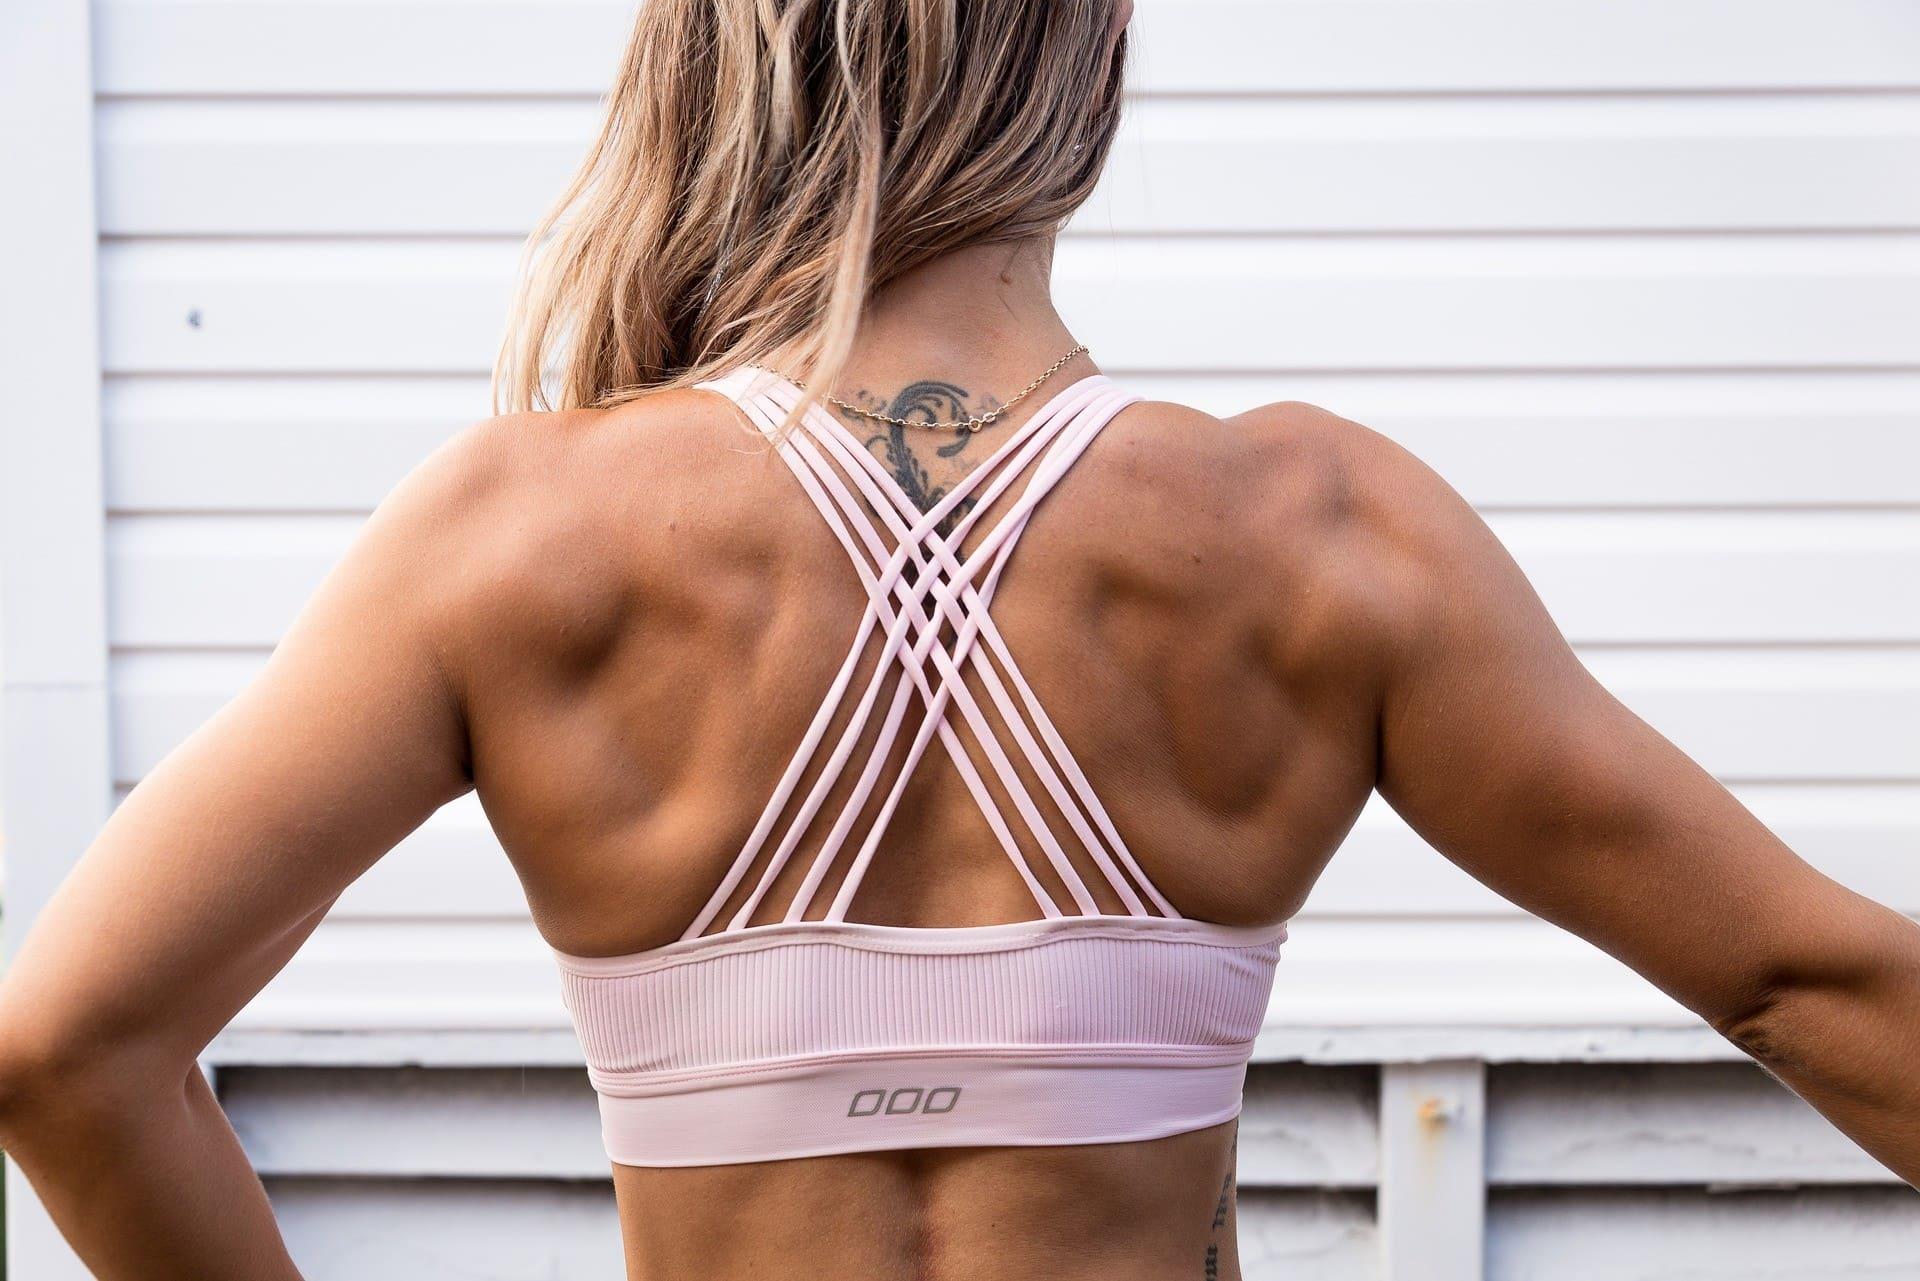 Gute Selbstmotivation: 5 Wege, um dich jeden Tag selbst zu motivieren